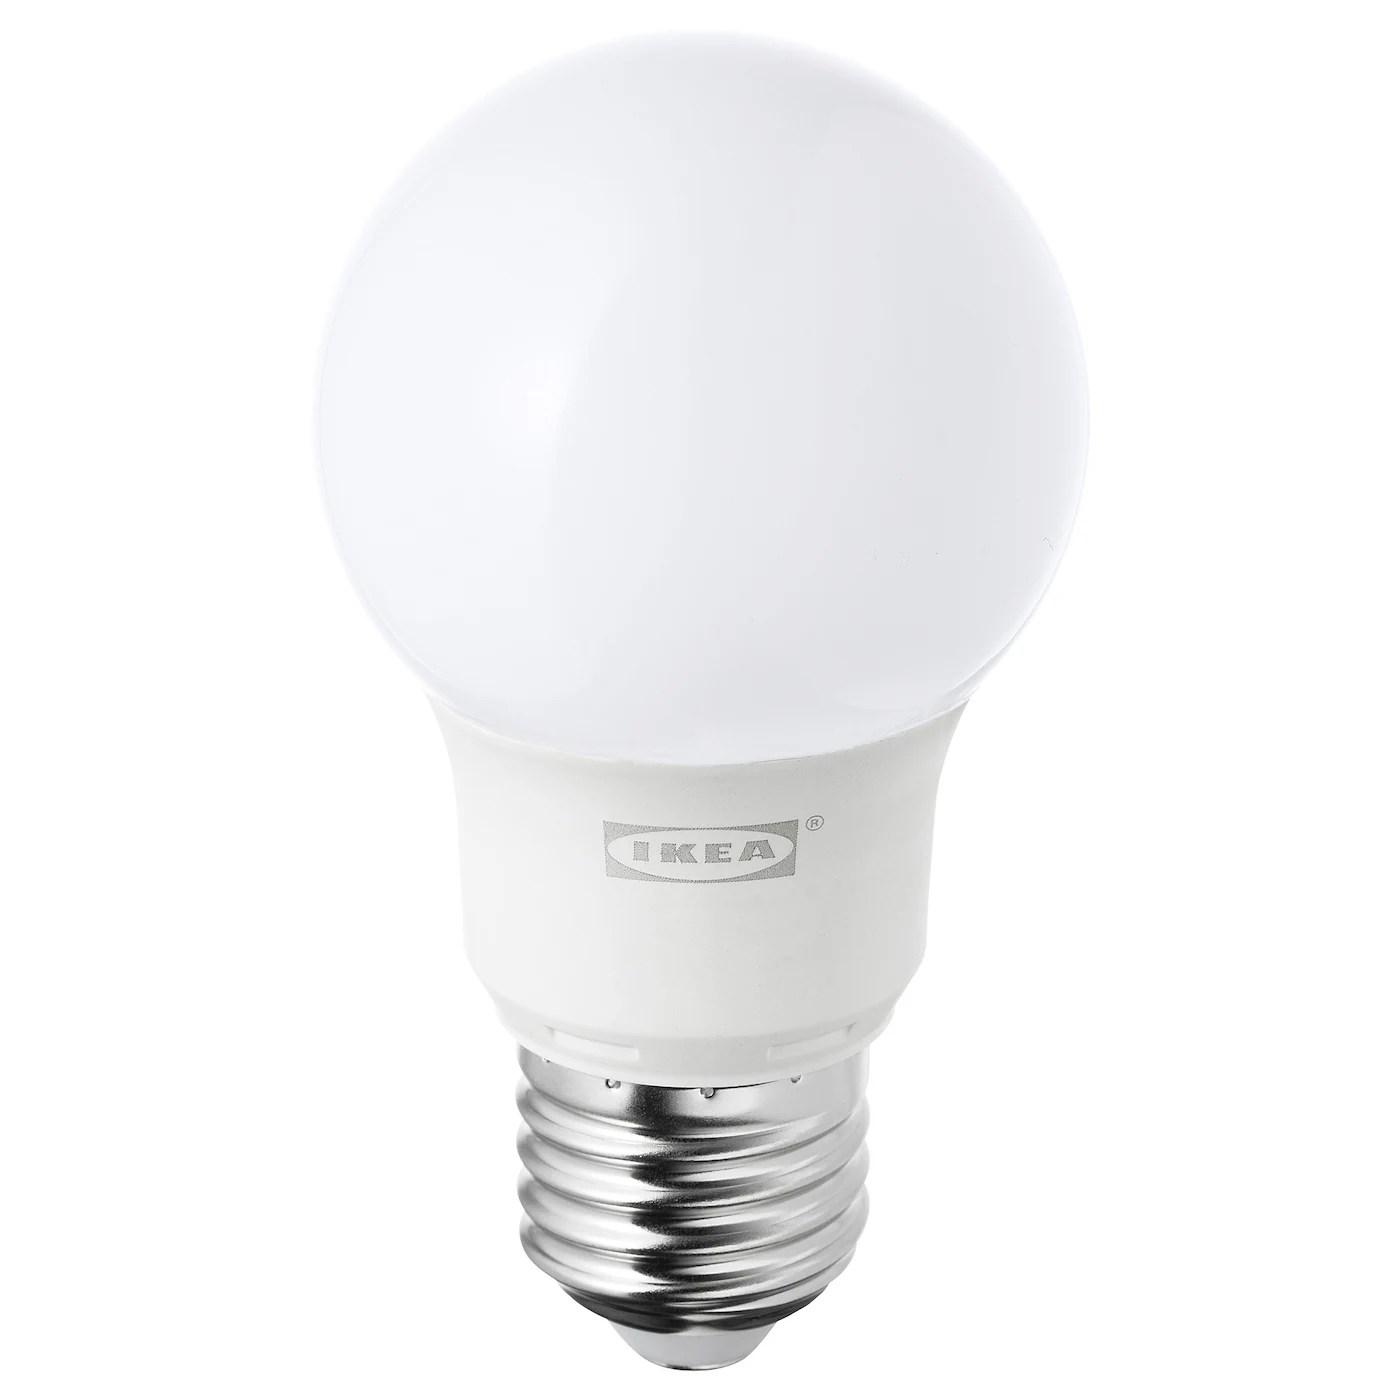 Slaapkamer verlichting  lampen  IKEA